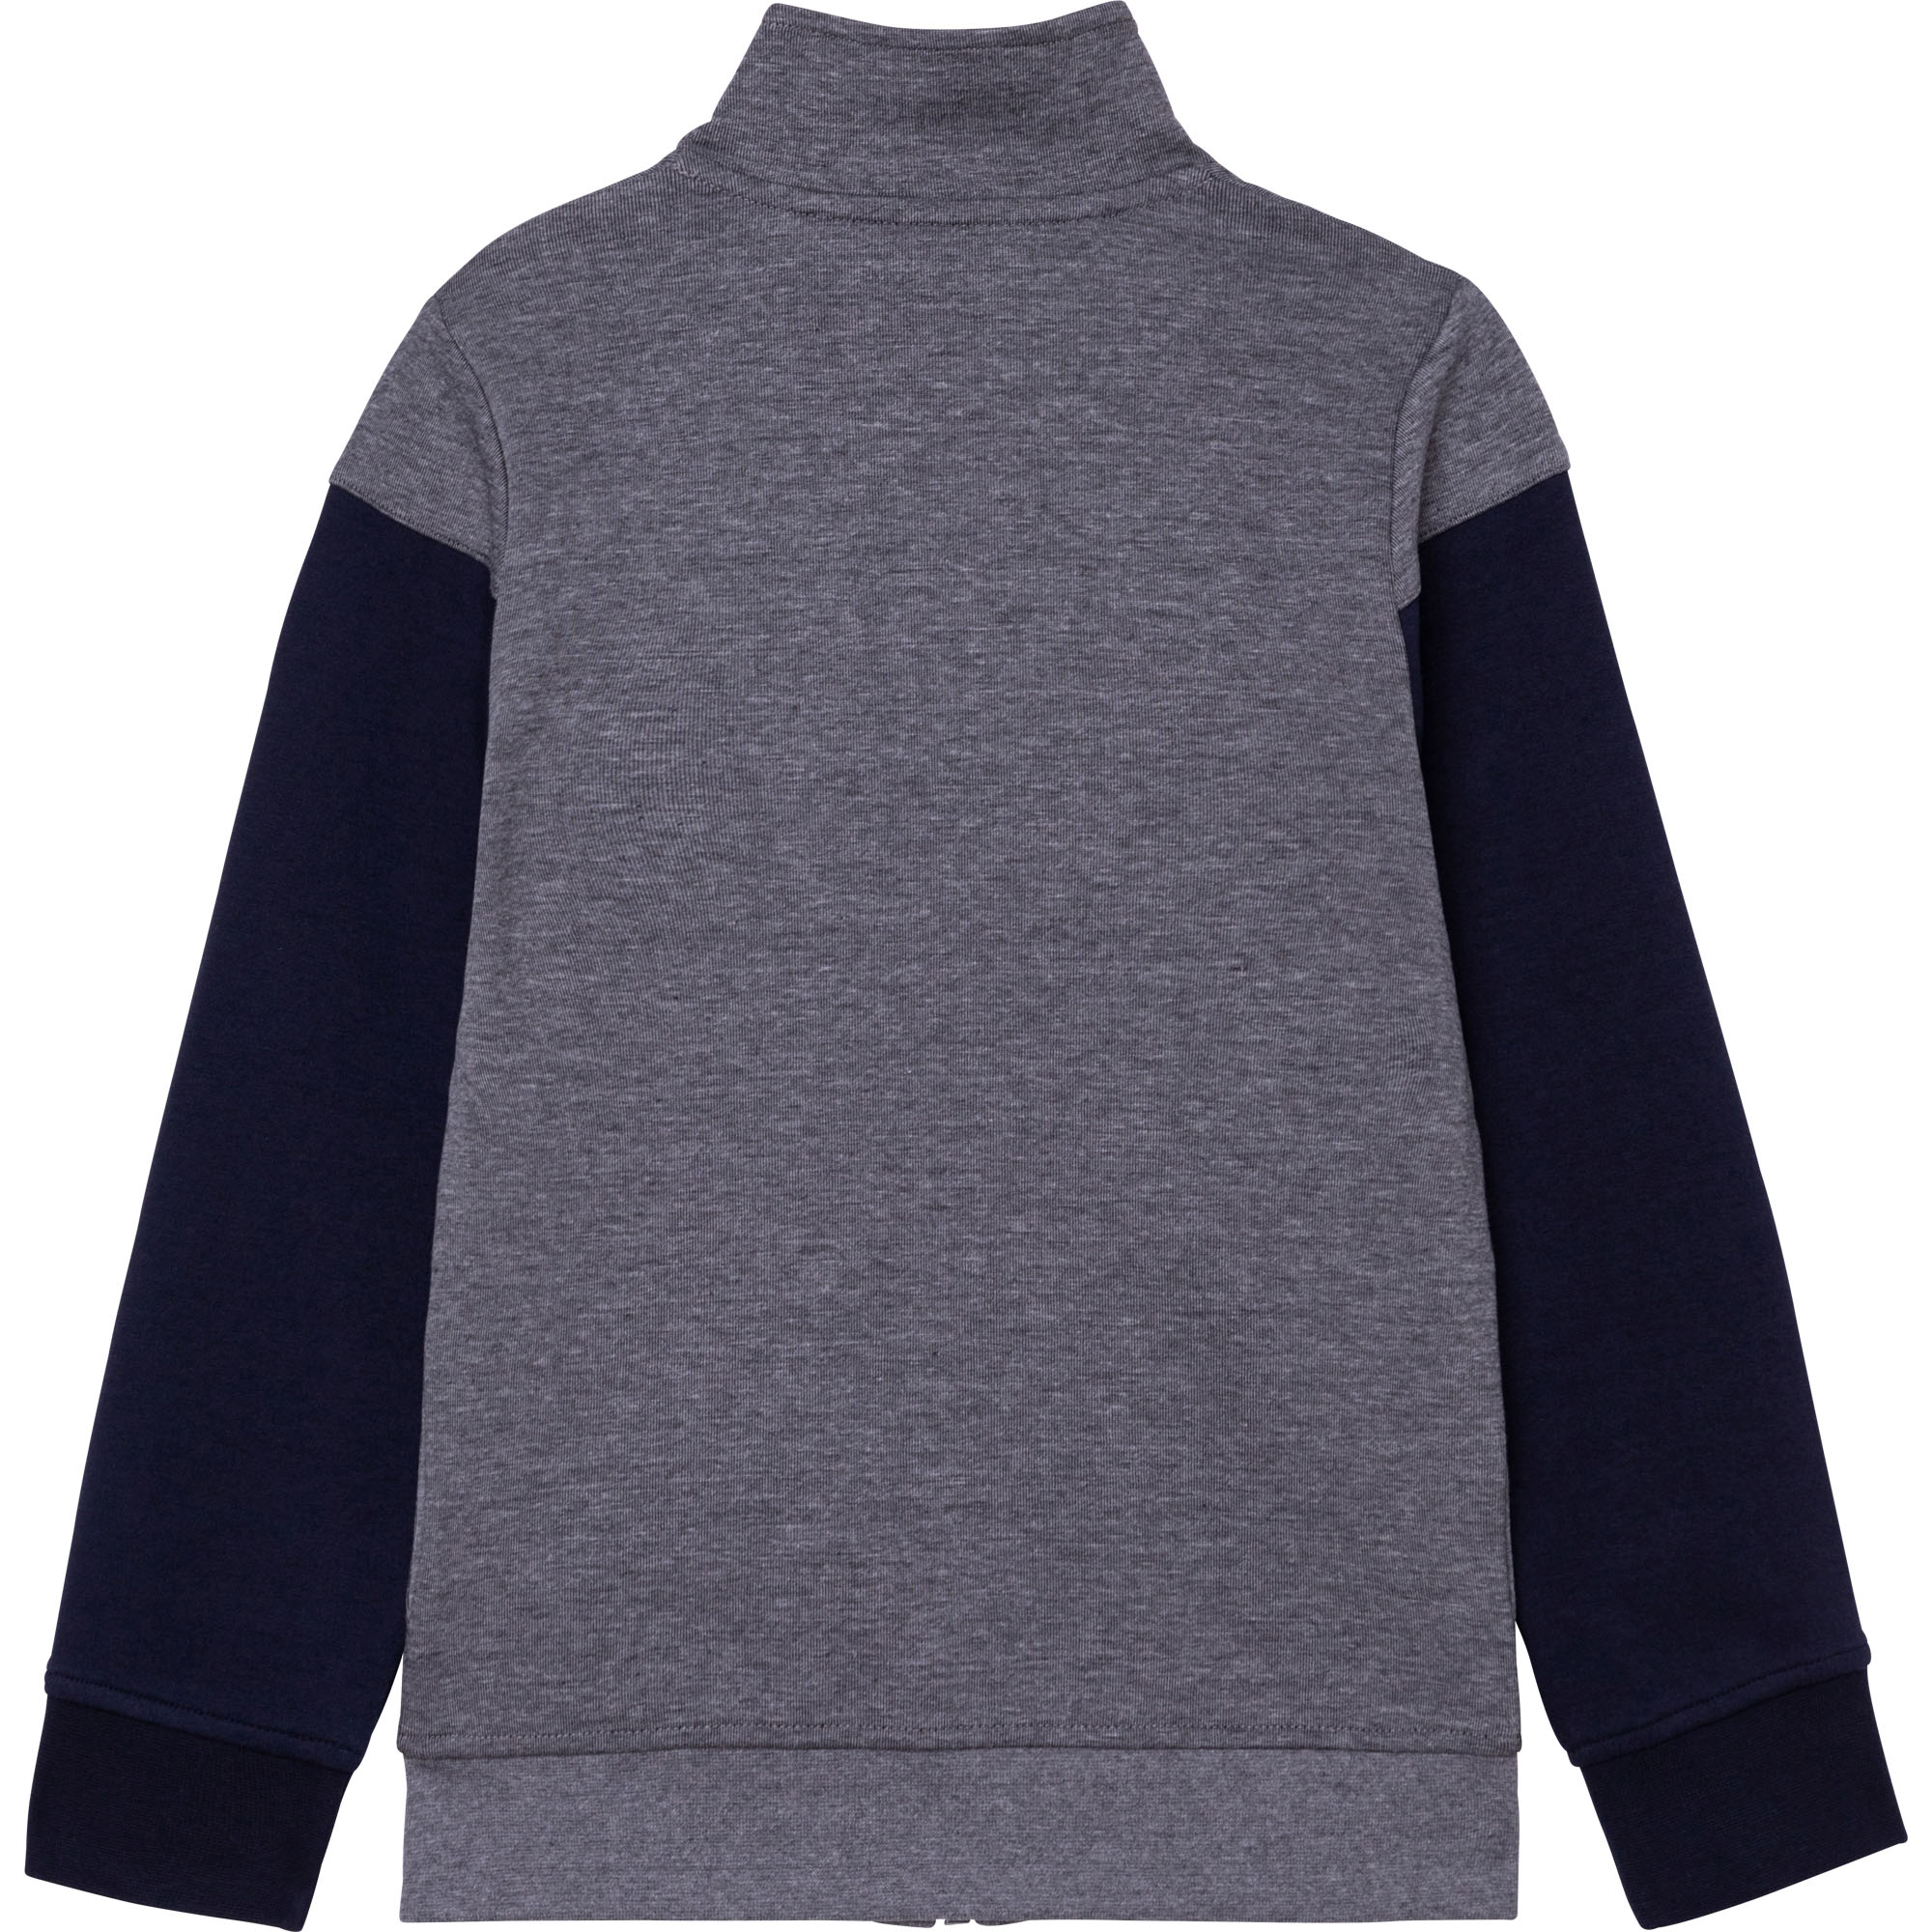 Interlock jogging cardigan BOSS for BOY